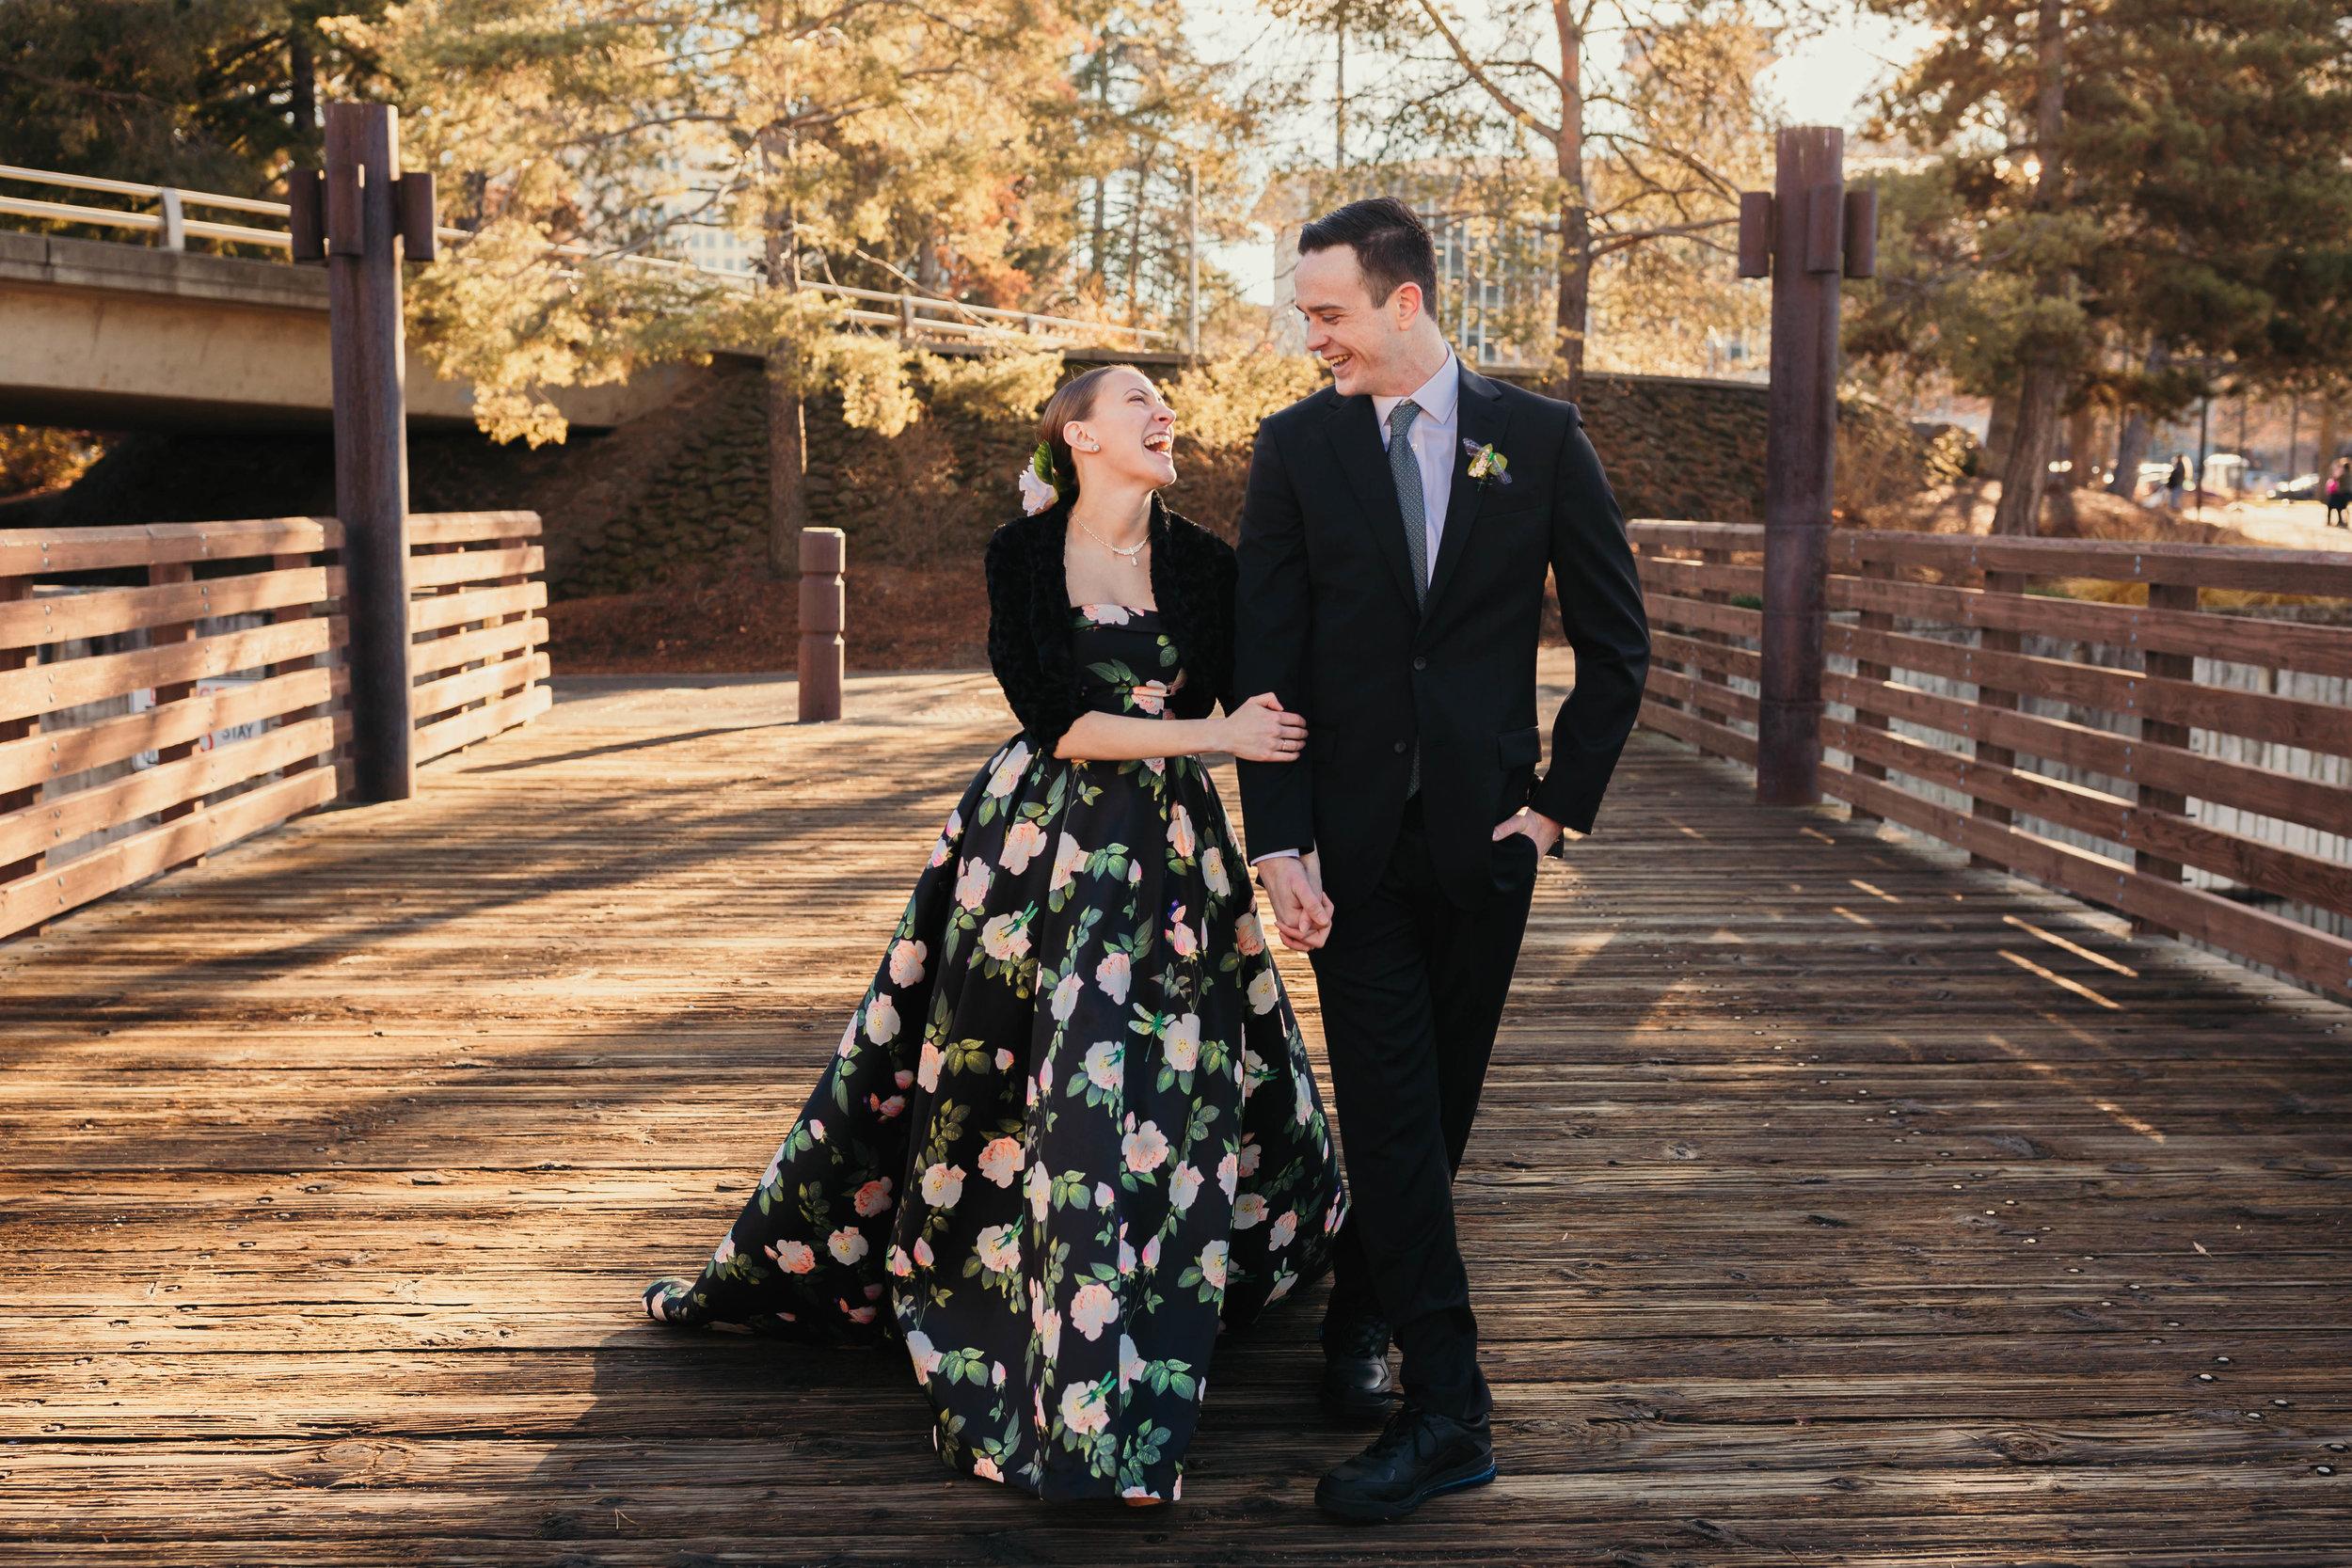 izzy+jacob-weddingsneakpeekblog-79.jpg